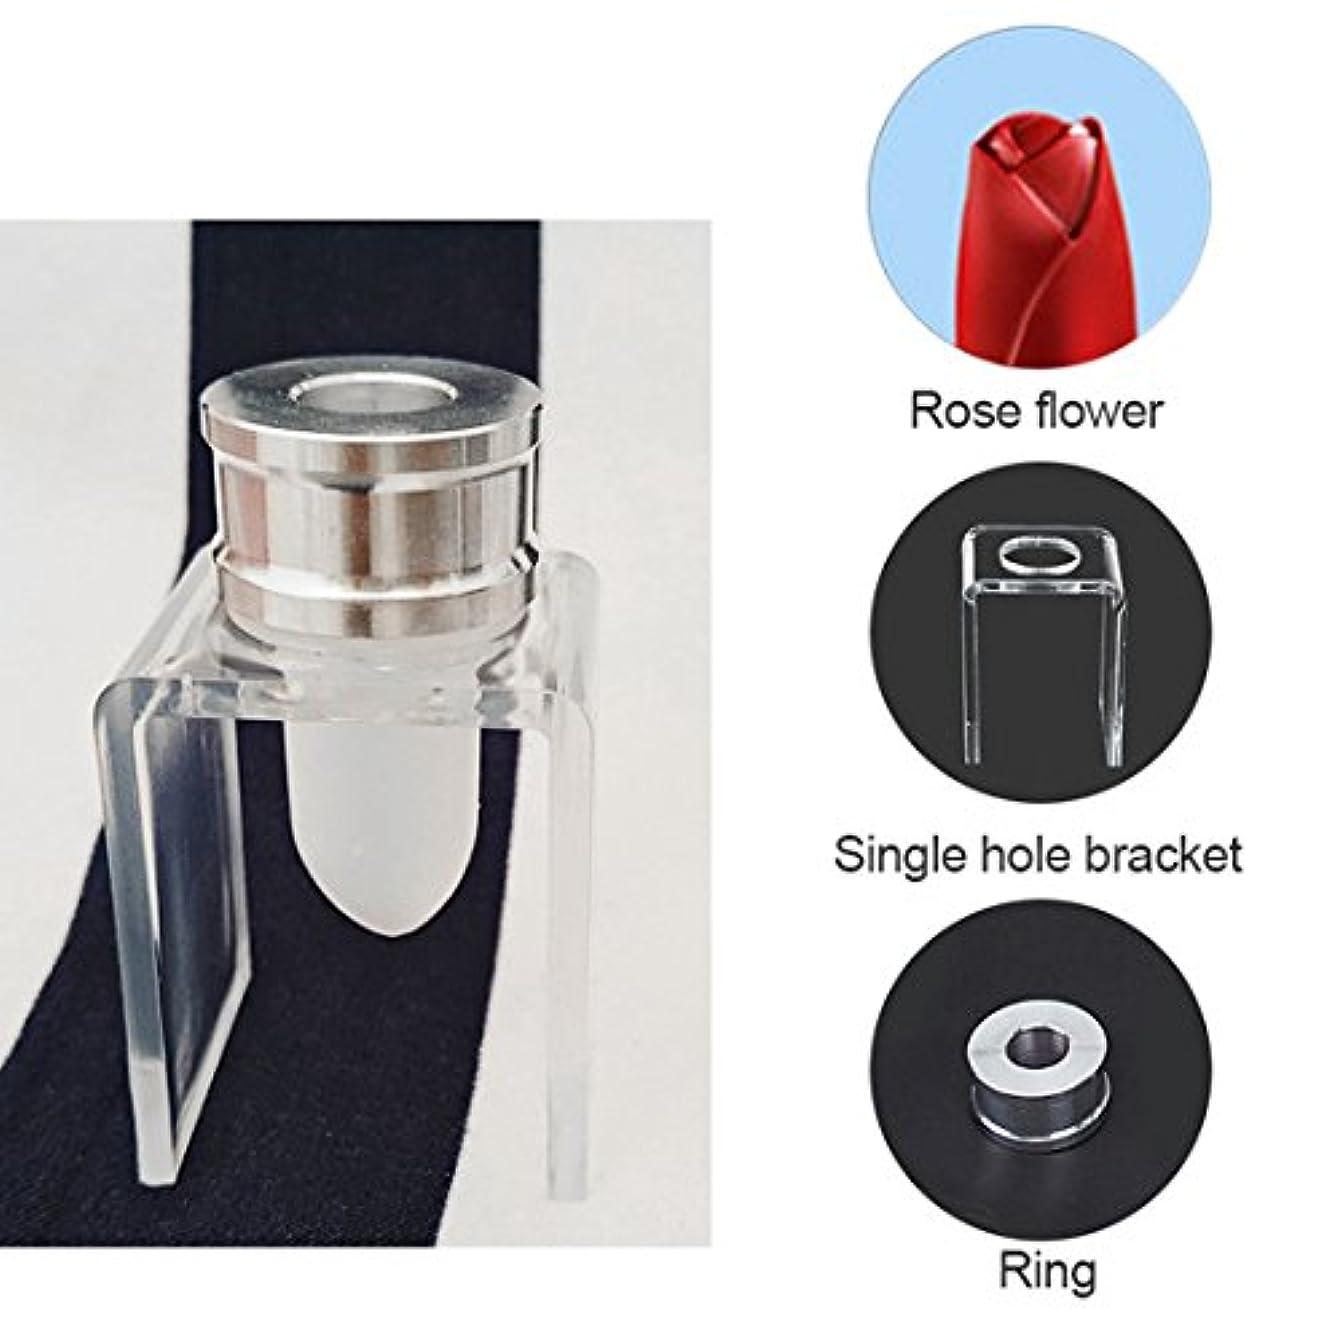 ルーム耳レパートリーSODIAL 3セット DIY 12.1mm シンプルな口紅の充填チューブ シリコーン金型 アルミリング シングルホールブラケット 手作りの口紅ツール シンプルなセット バラ